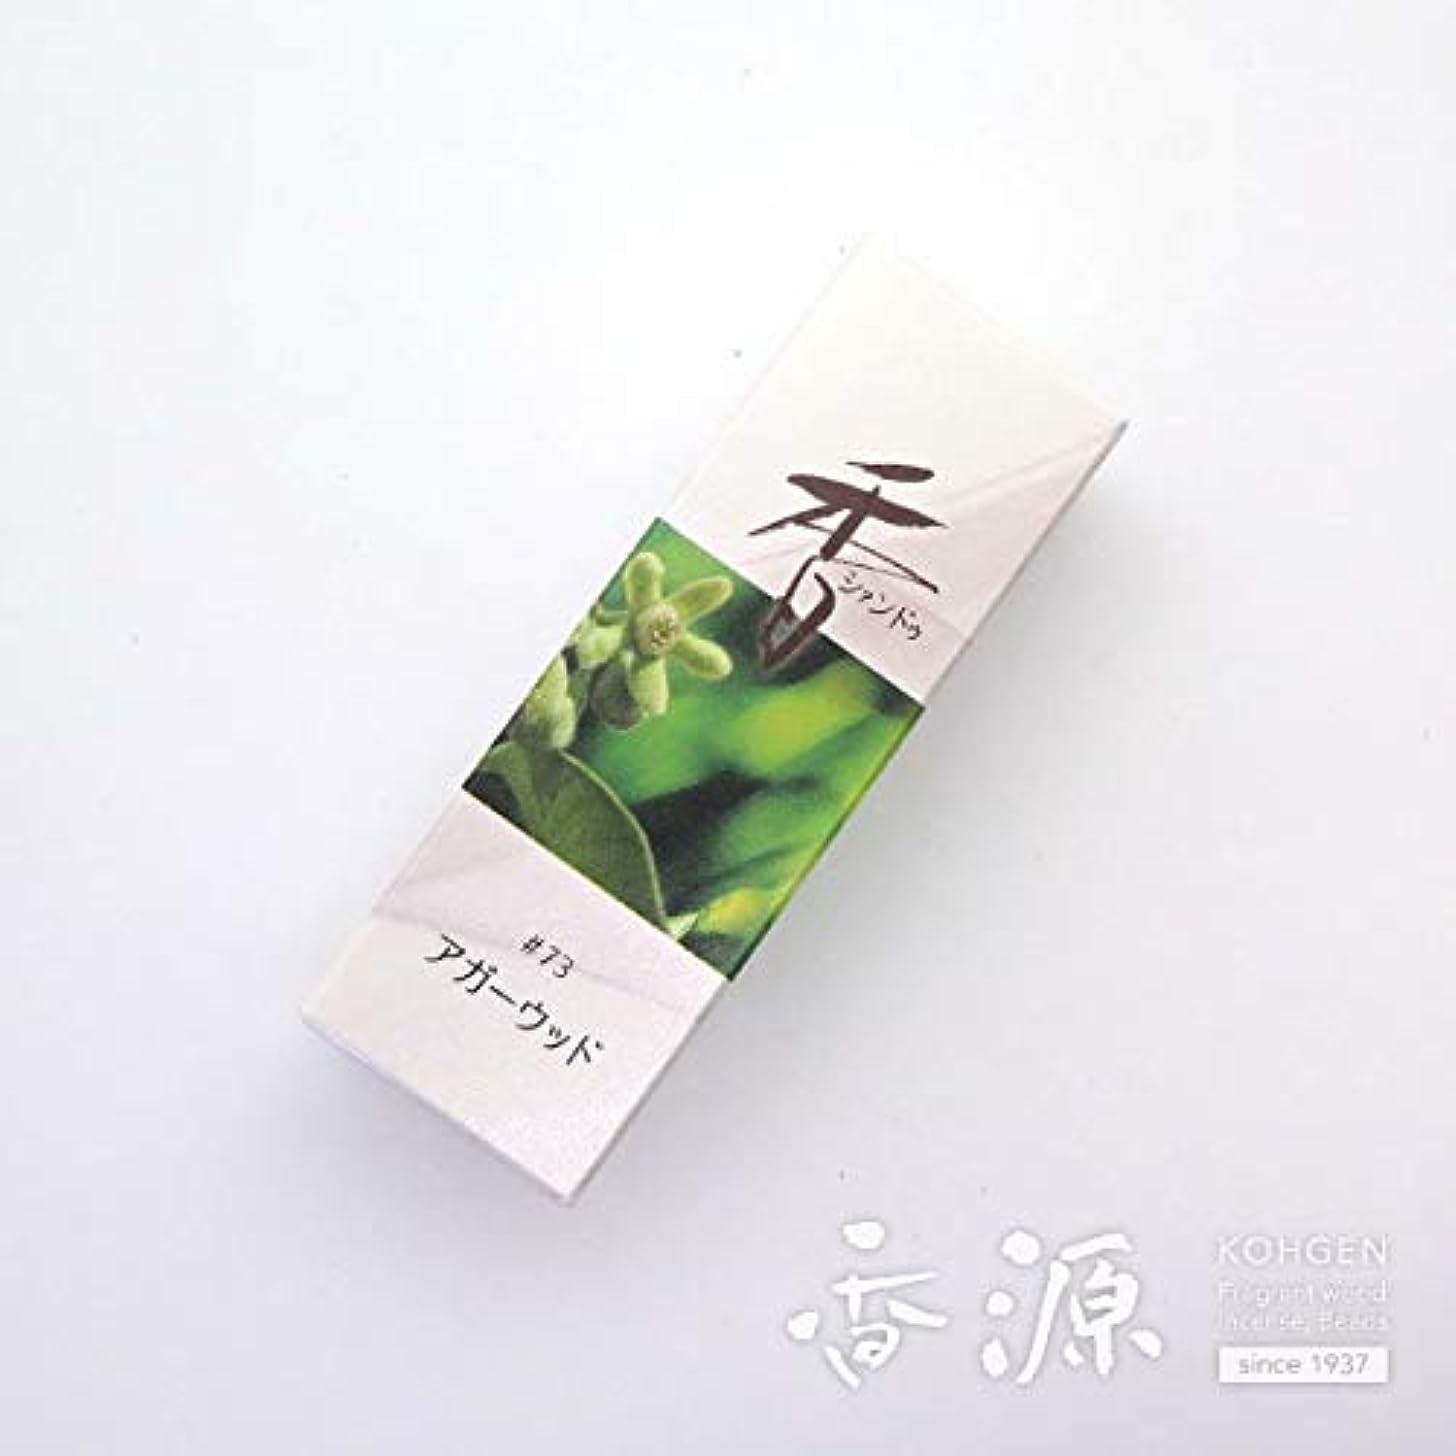 壮大なトランクソビエト松栄堂のお香 Xiang Do(シャンドゥ) アガーウッド ST20本入 簡易香立付 #214273